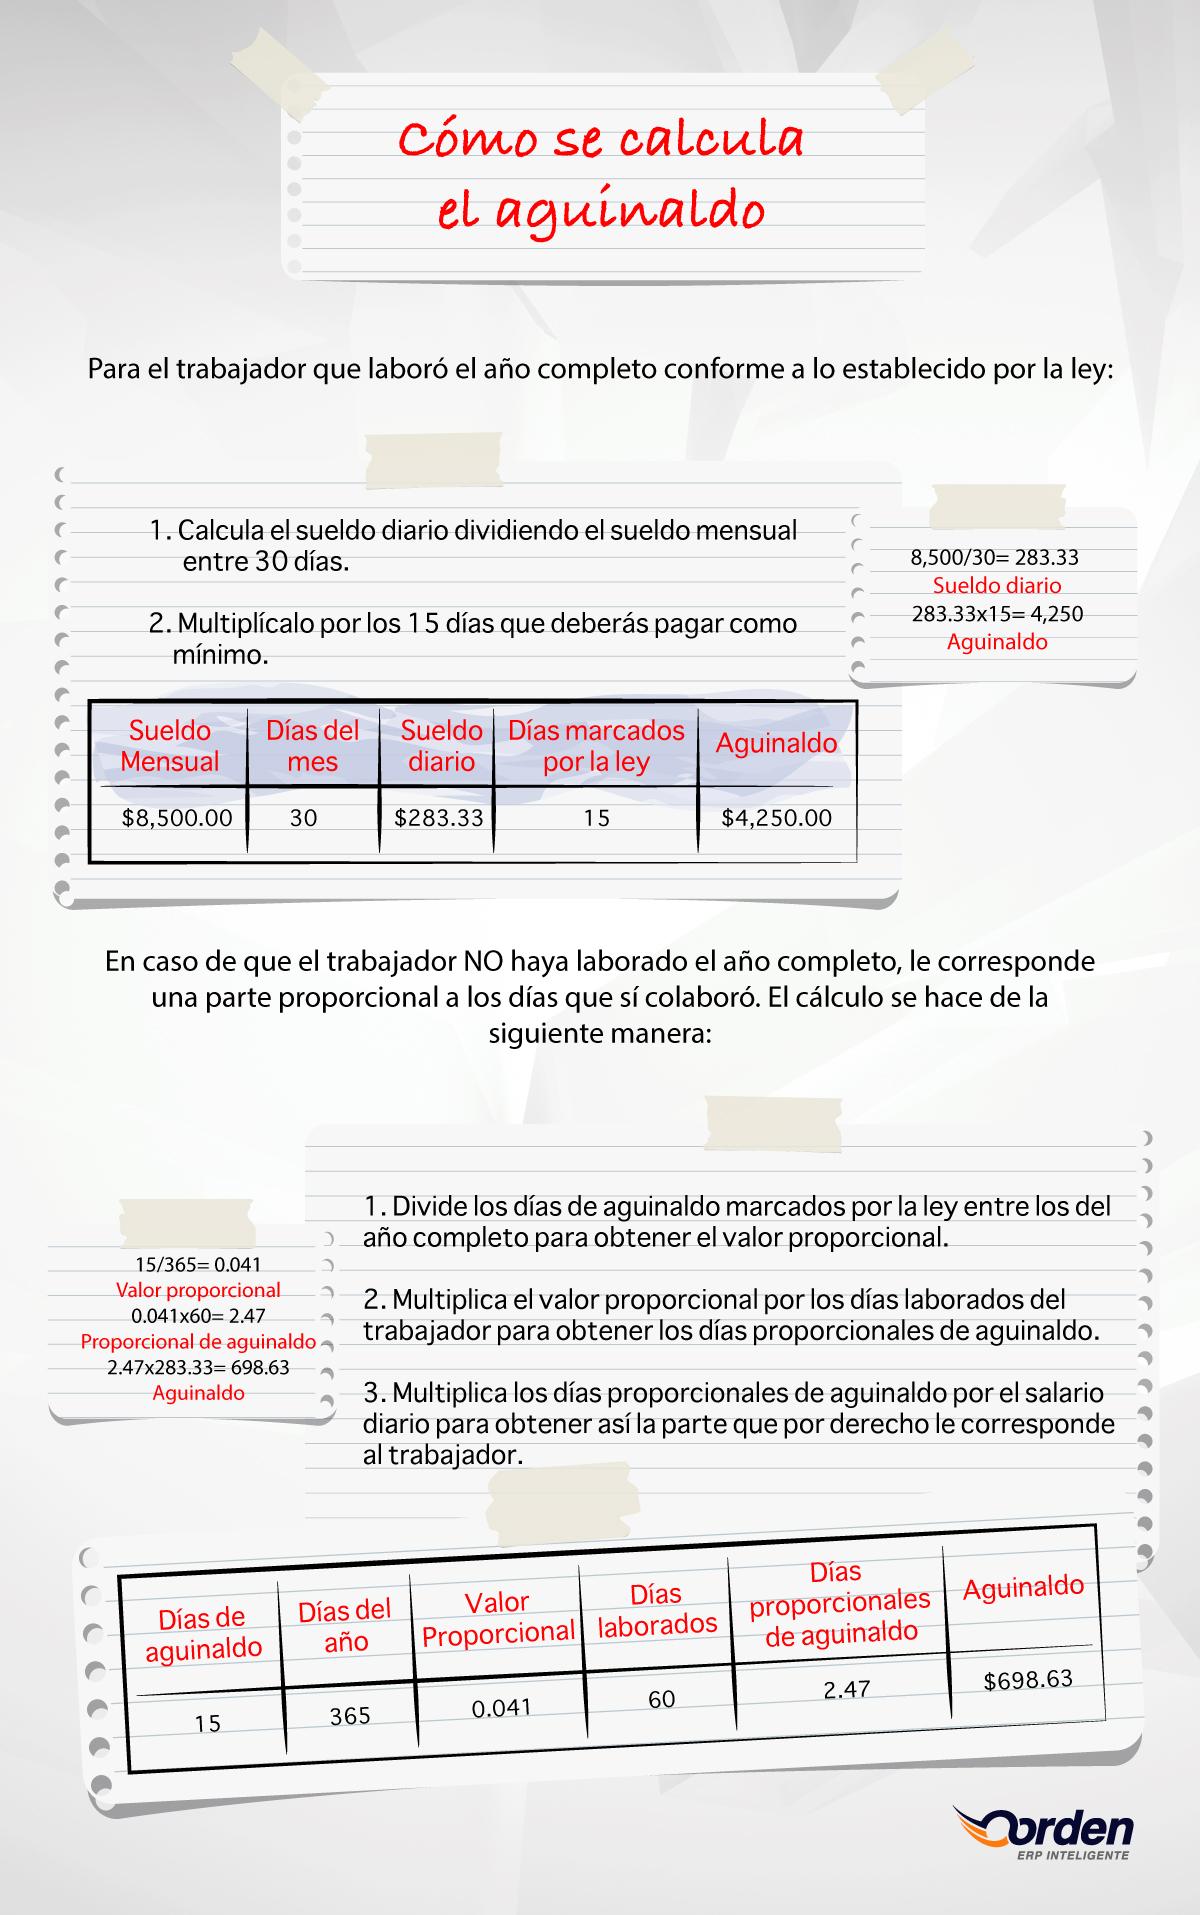 cómo se calcula el aguinaldo